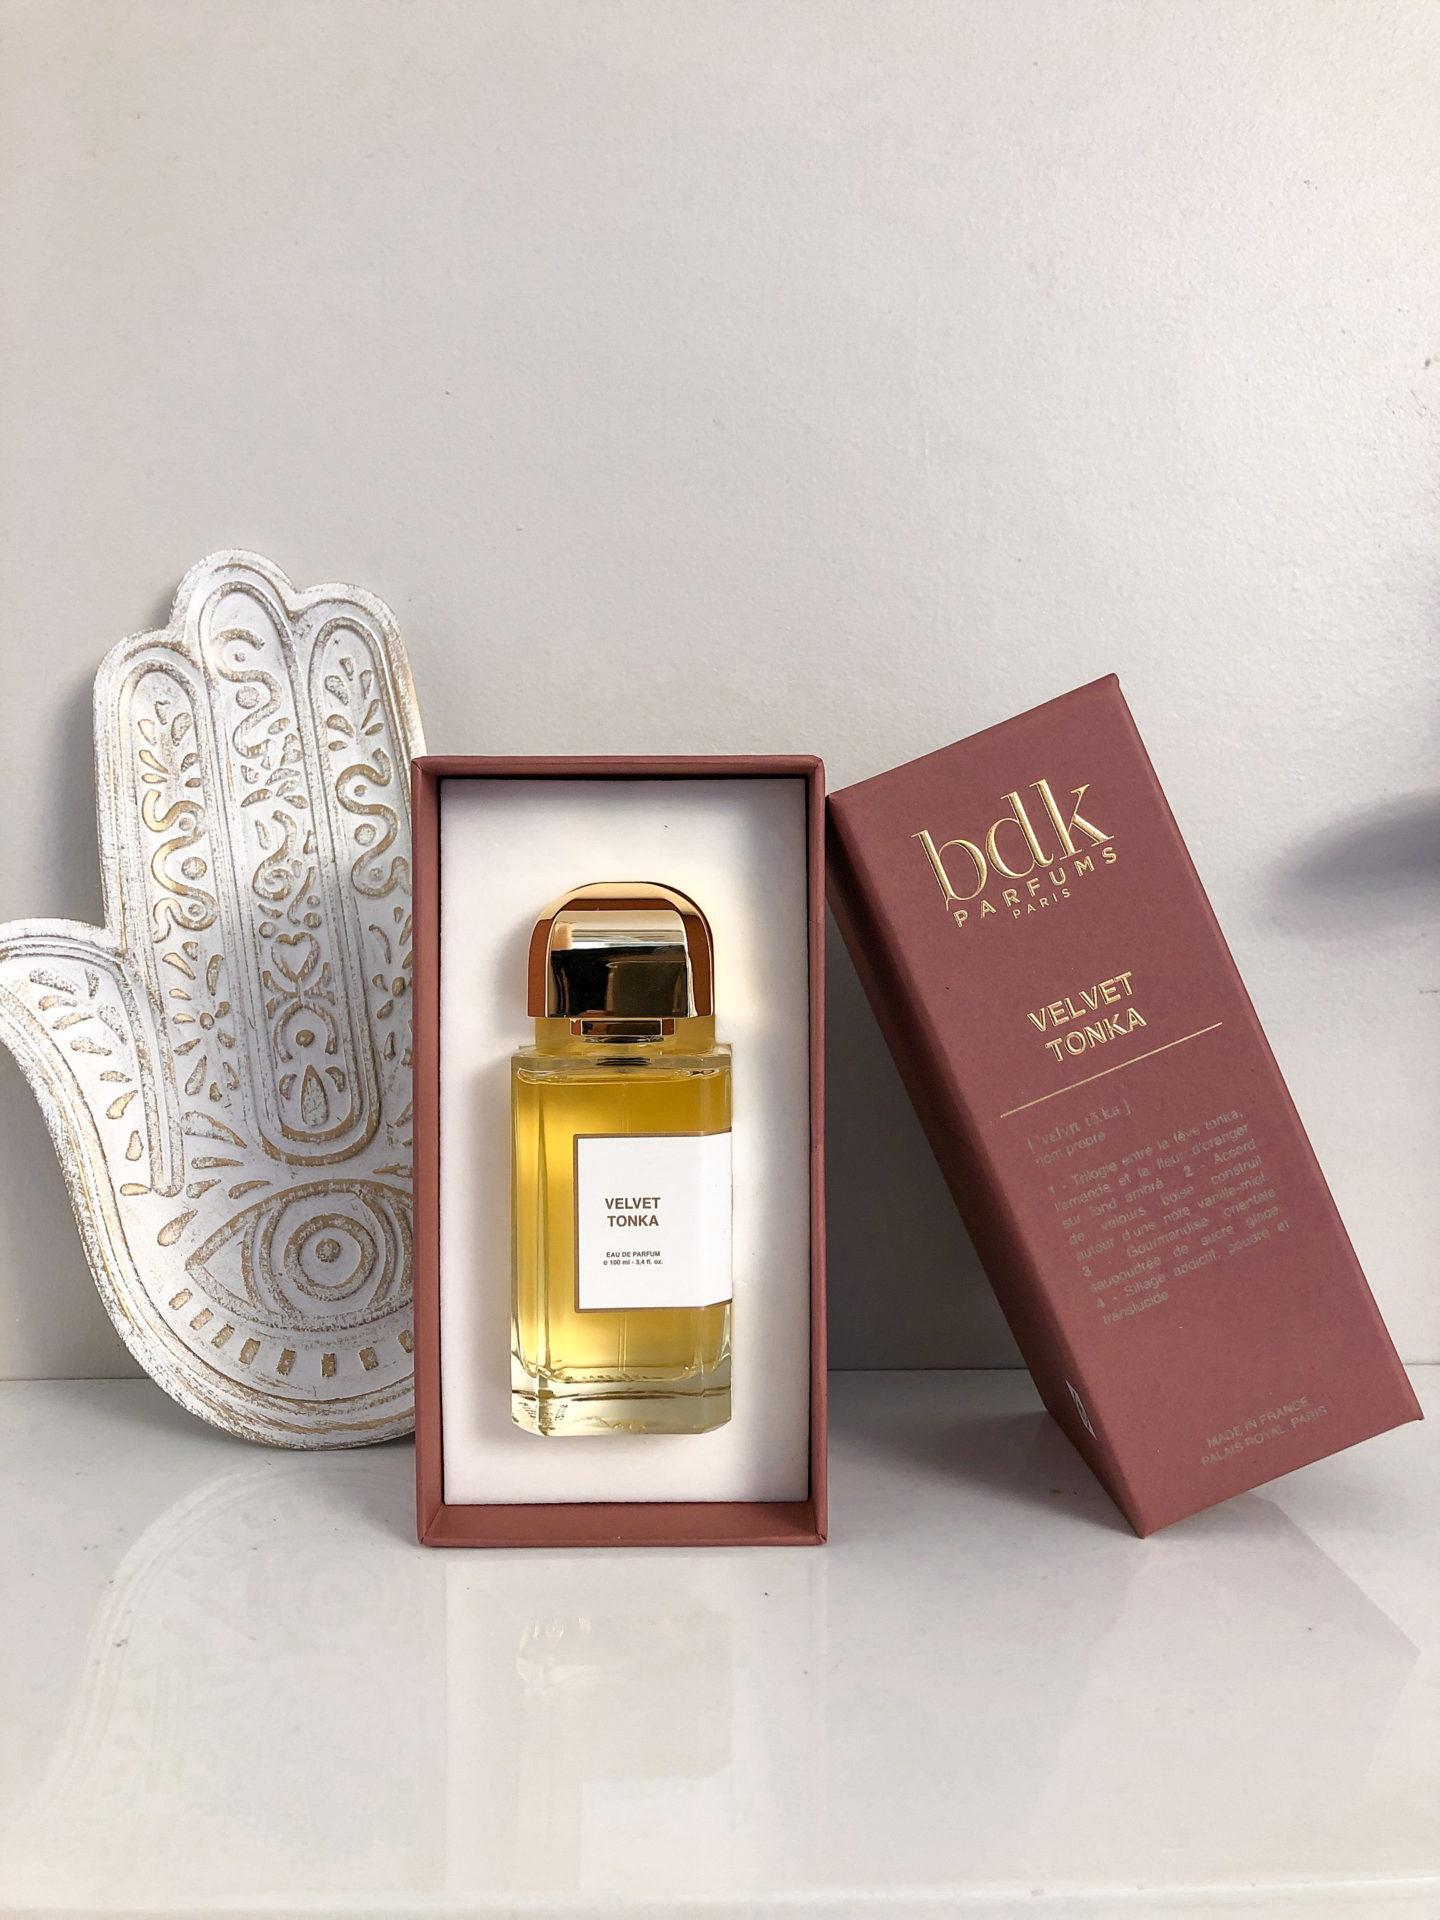 bdk parfums velvet tonka fragrance paris 02